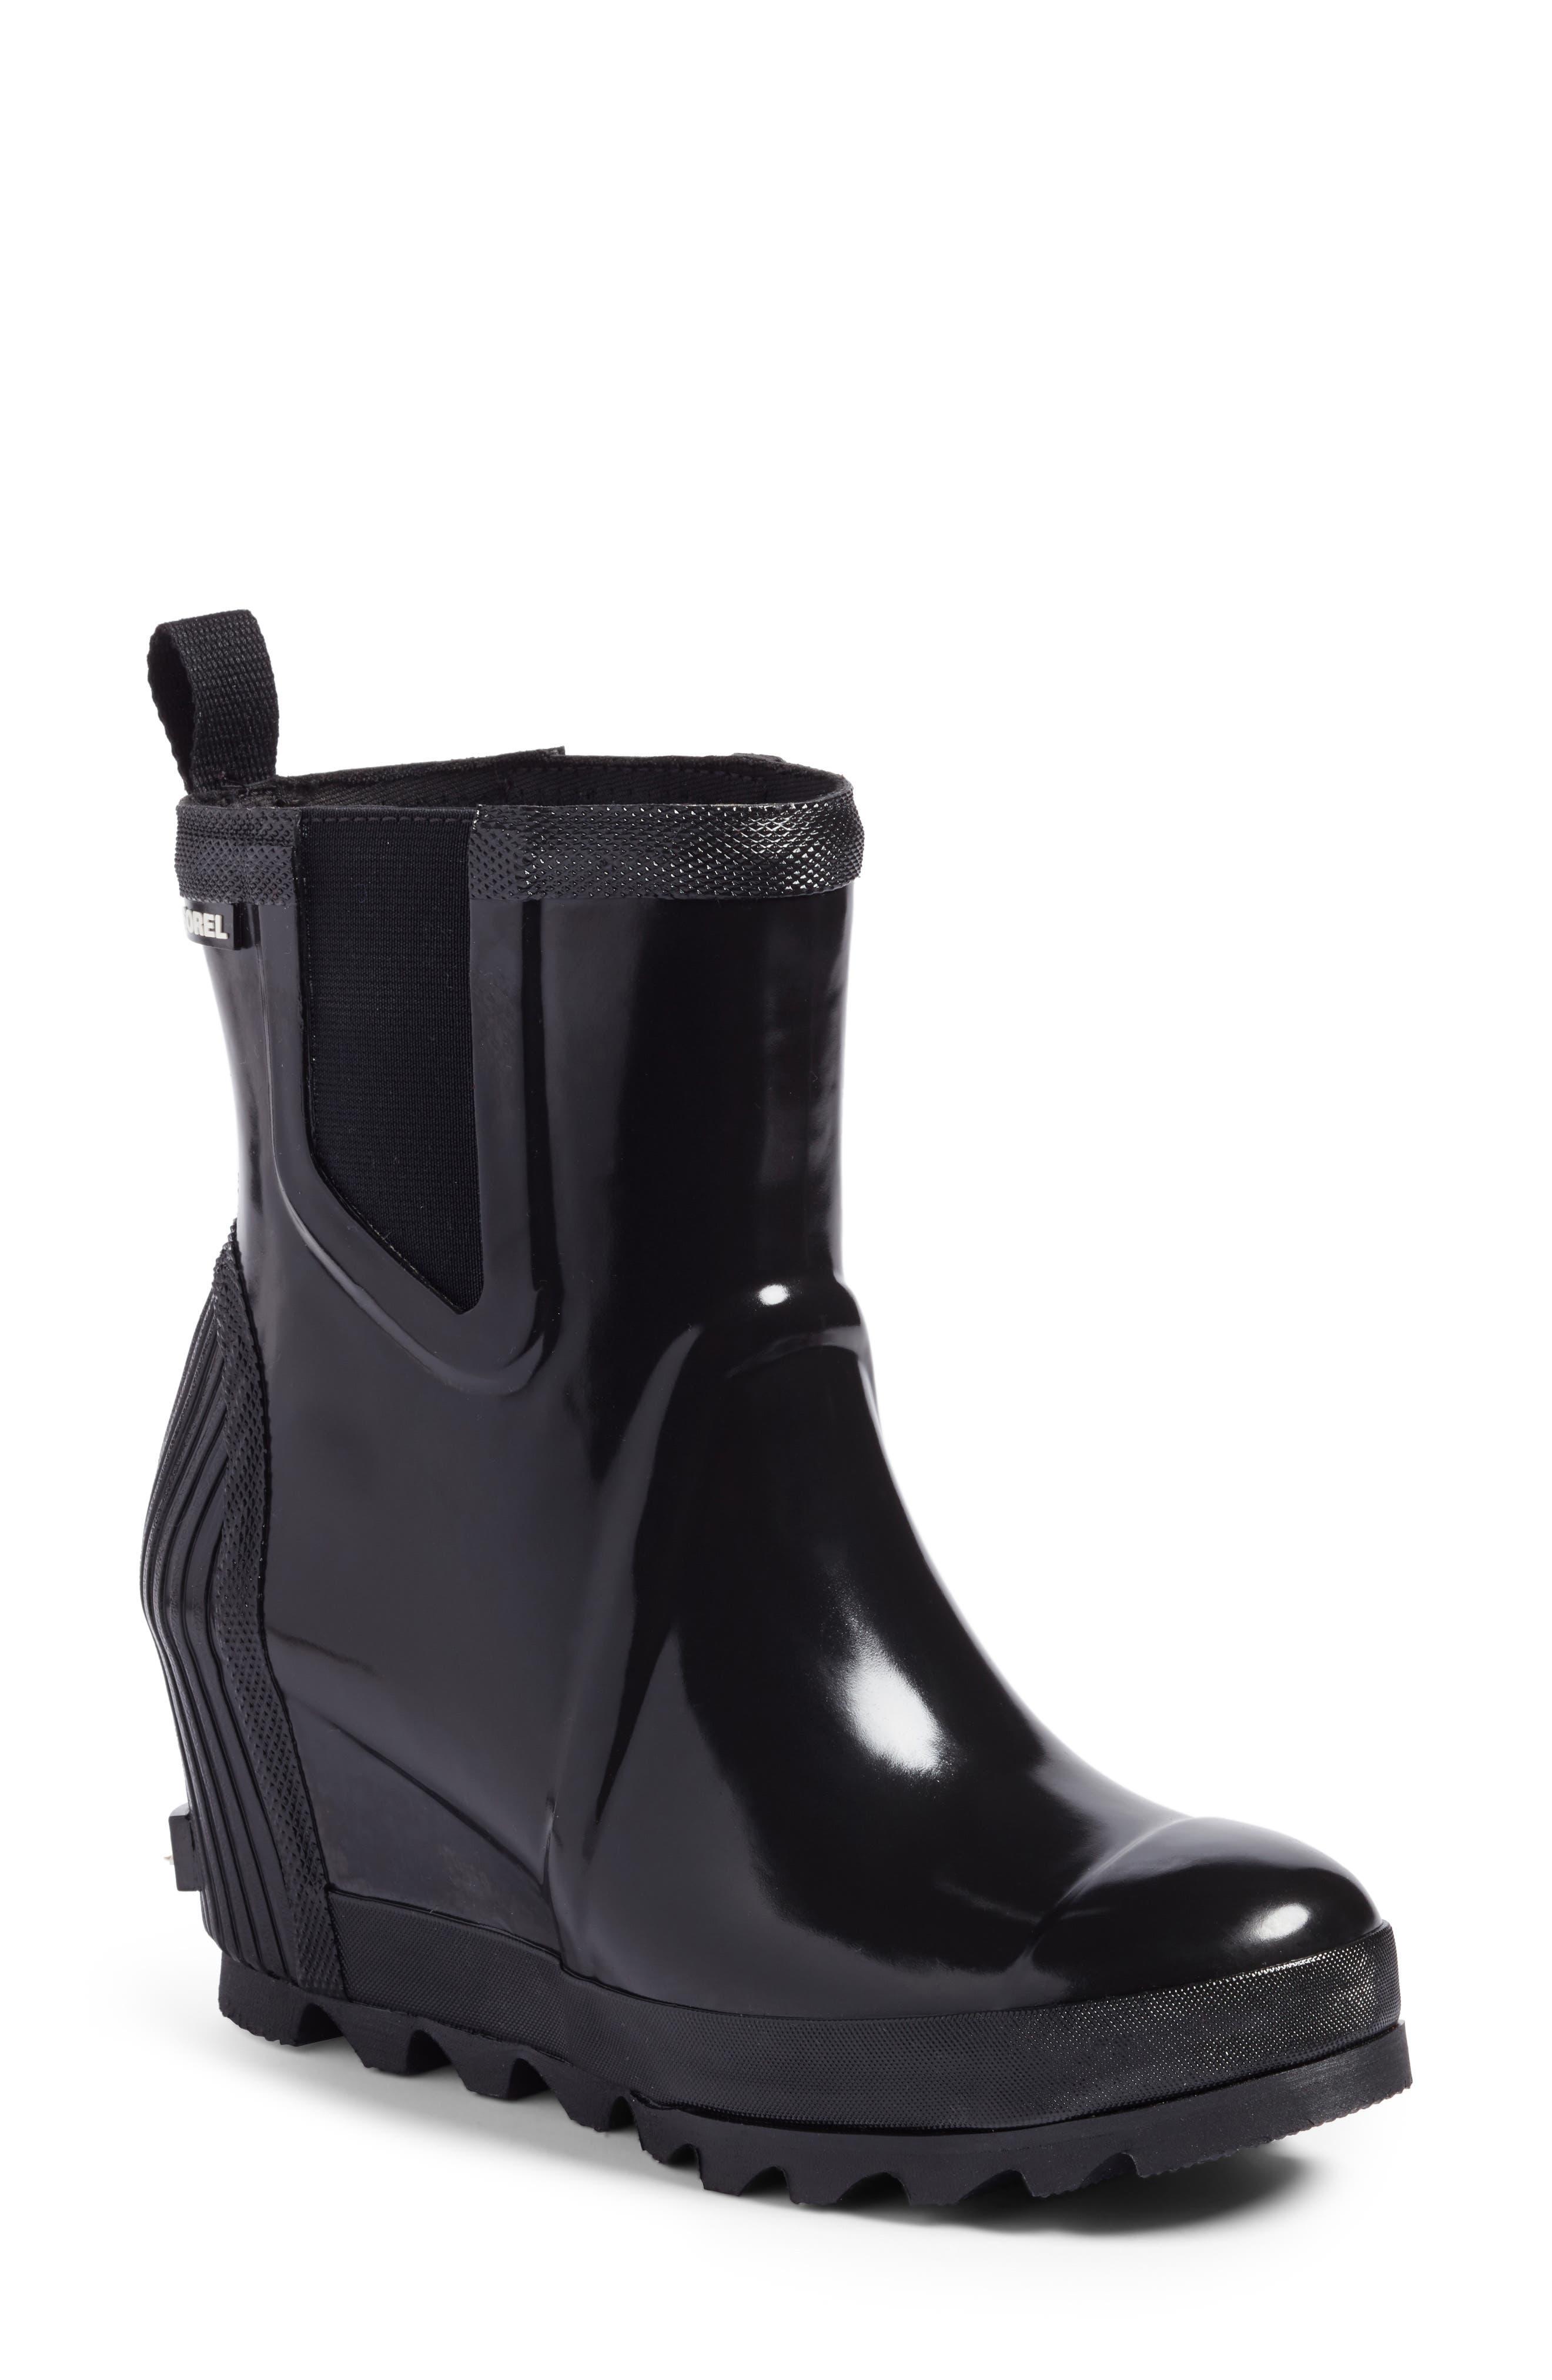 SOREL Joan of Arctic<sup>™</sup> Wedge Chelsea Rain Boot